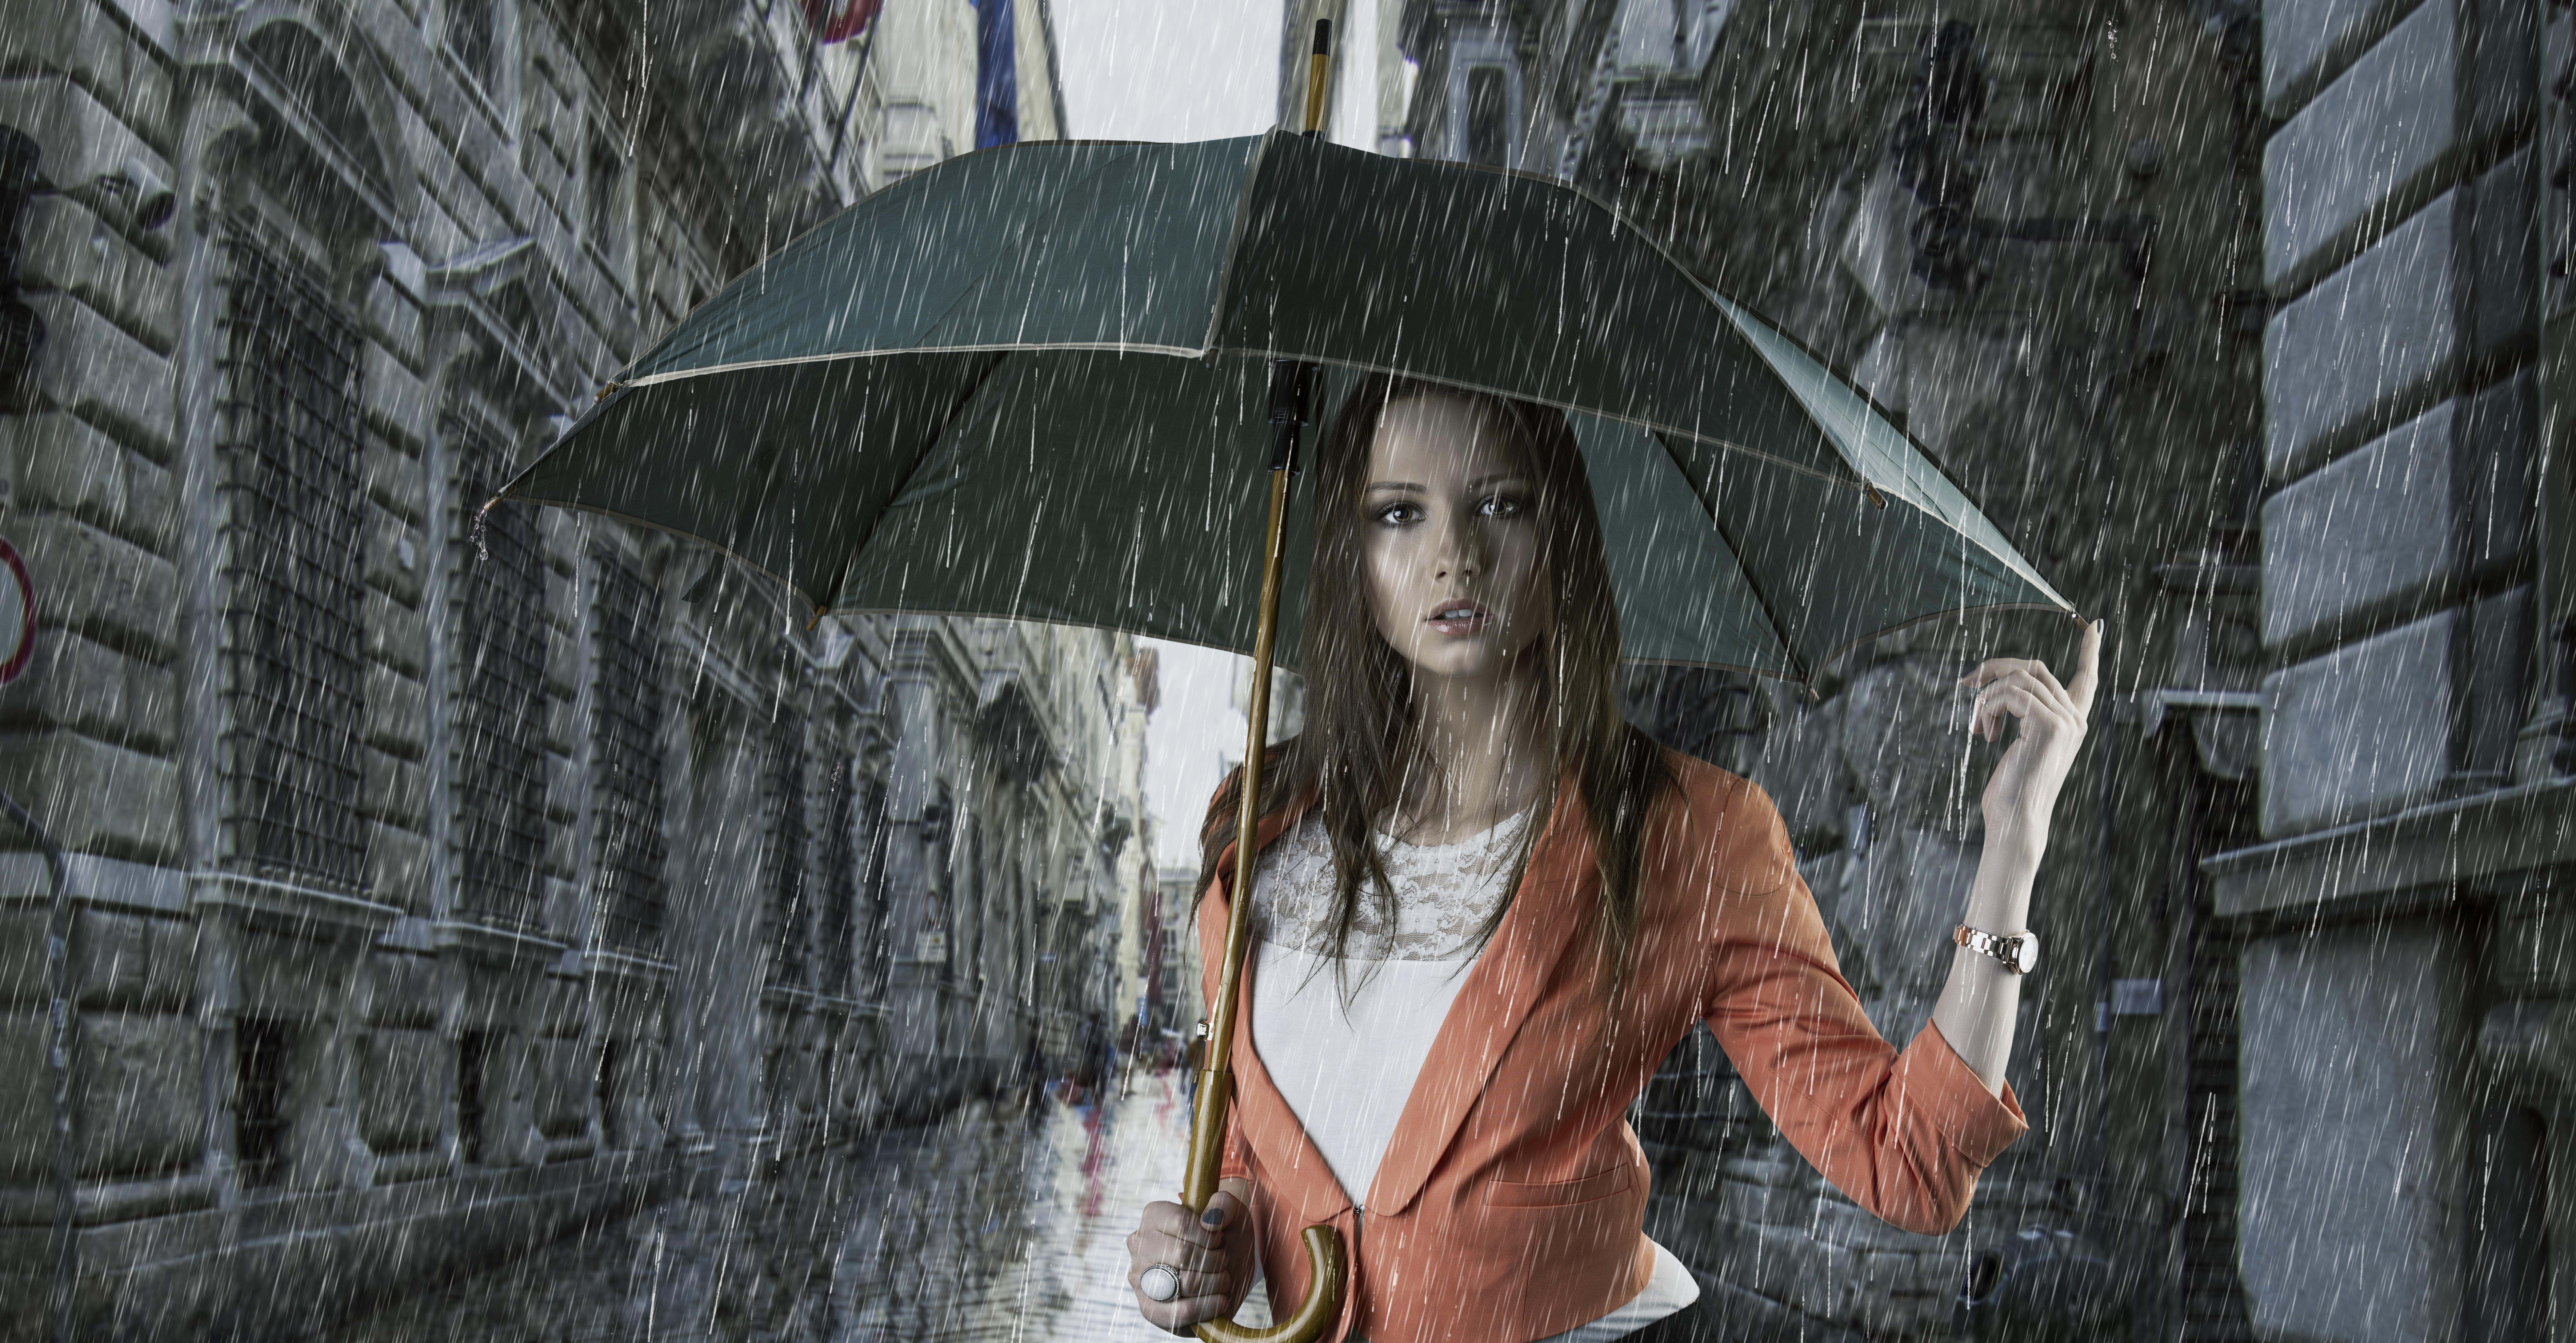 Открытки девушка под зонтом, это открытки анимашки